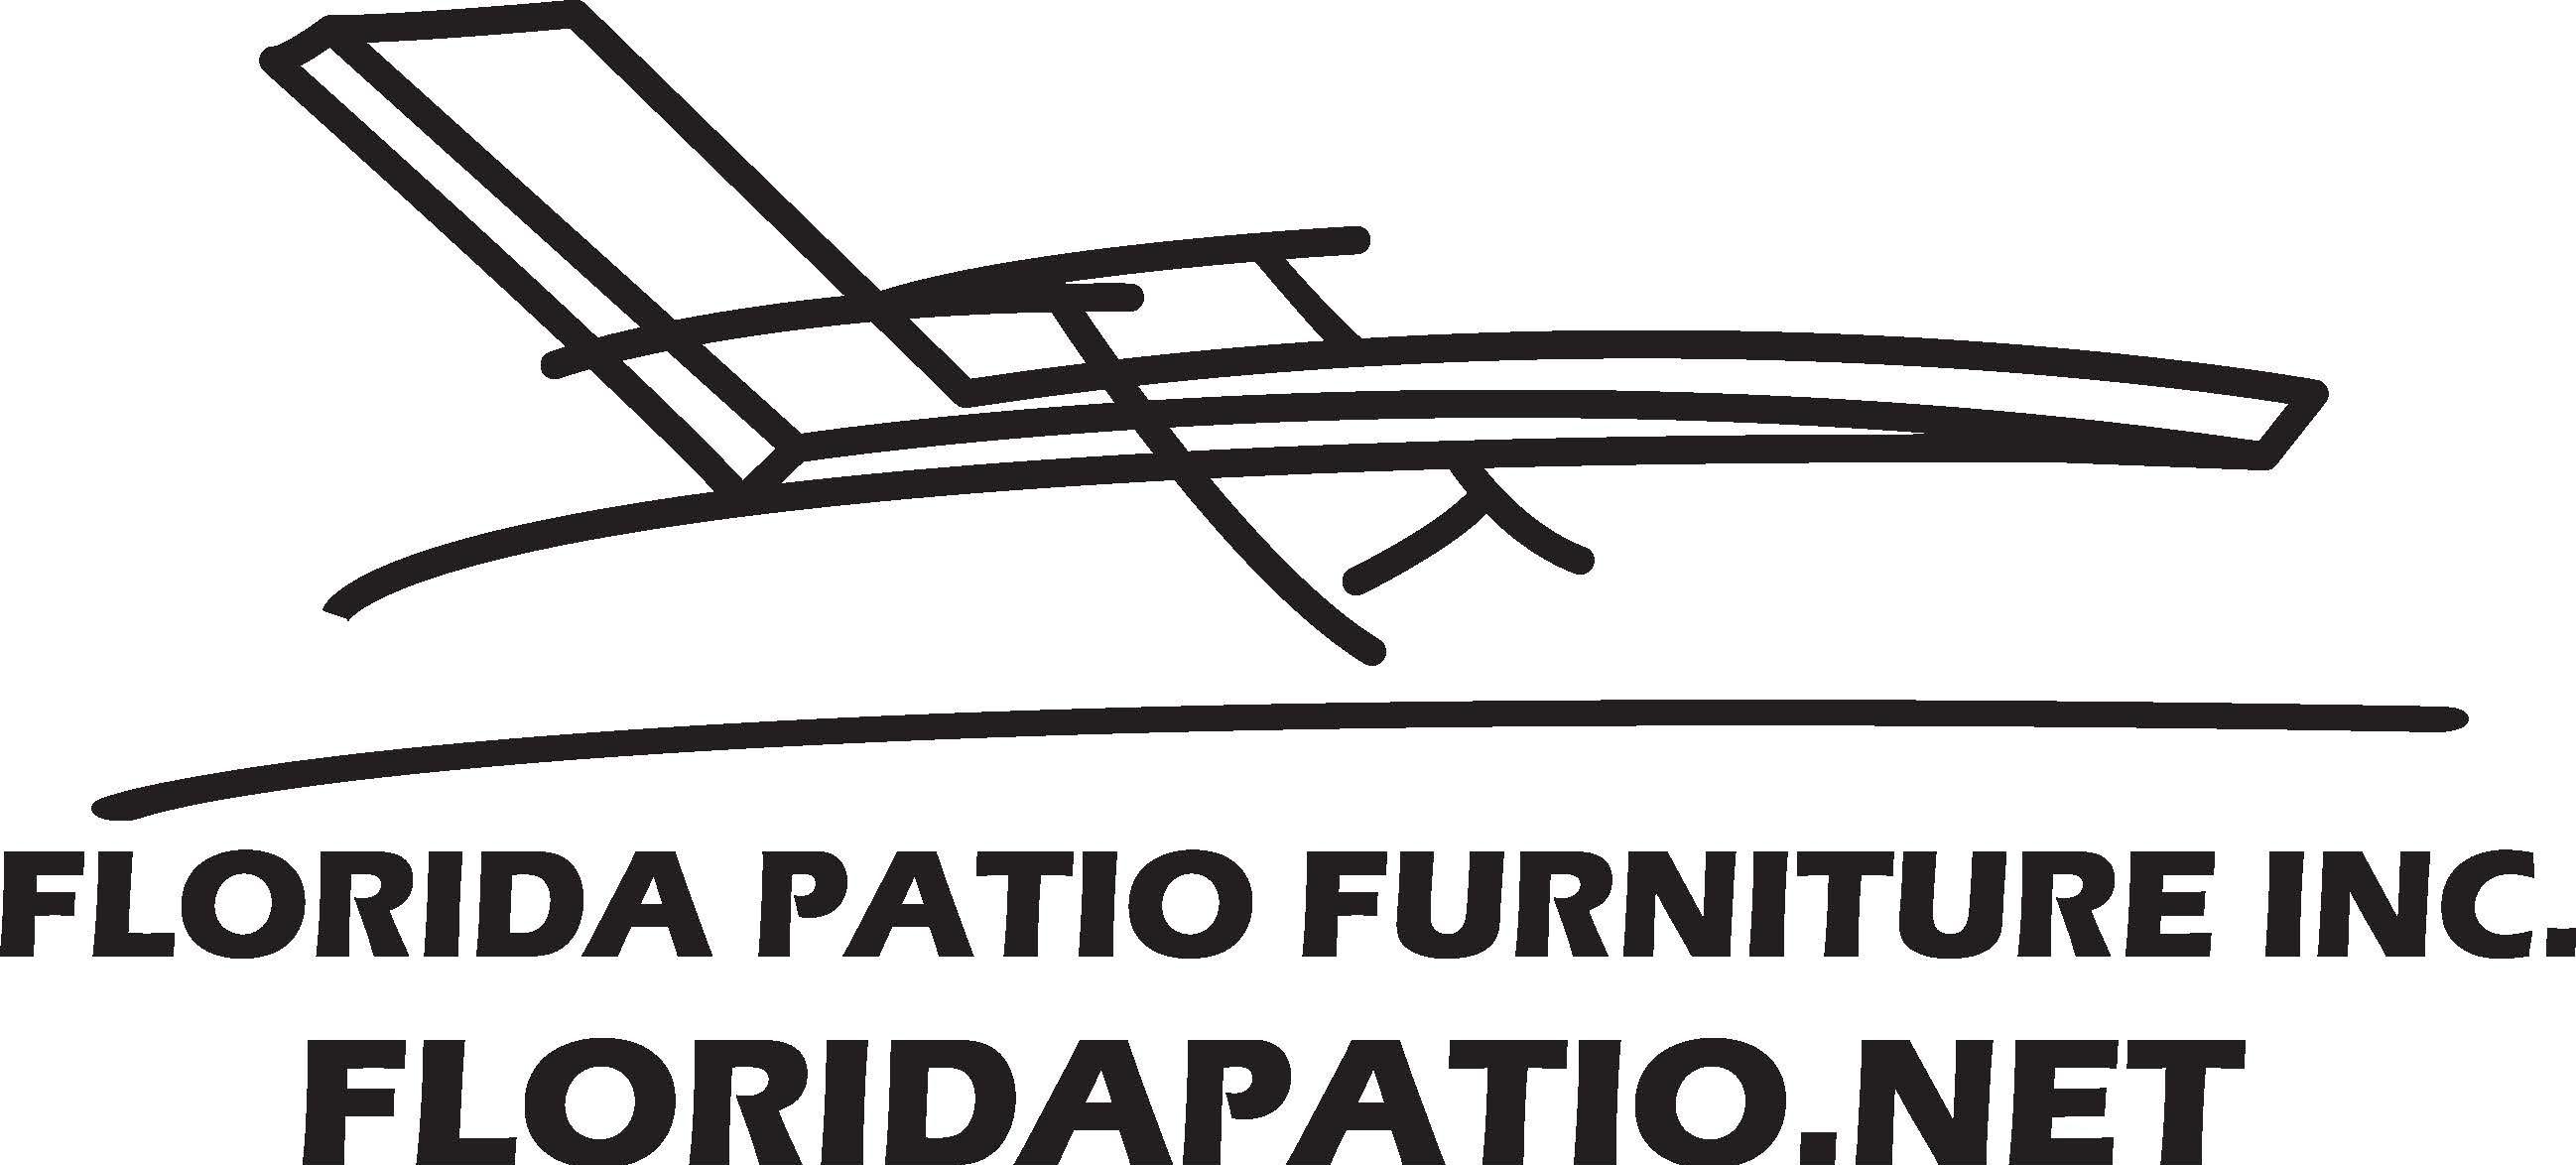 Florida Patio Furniture, Inc. - ELITE Sponsor